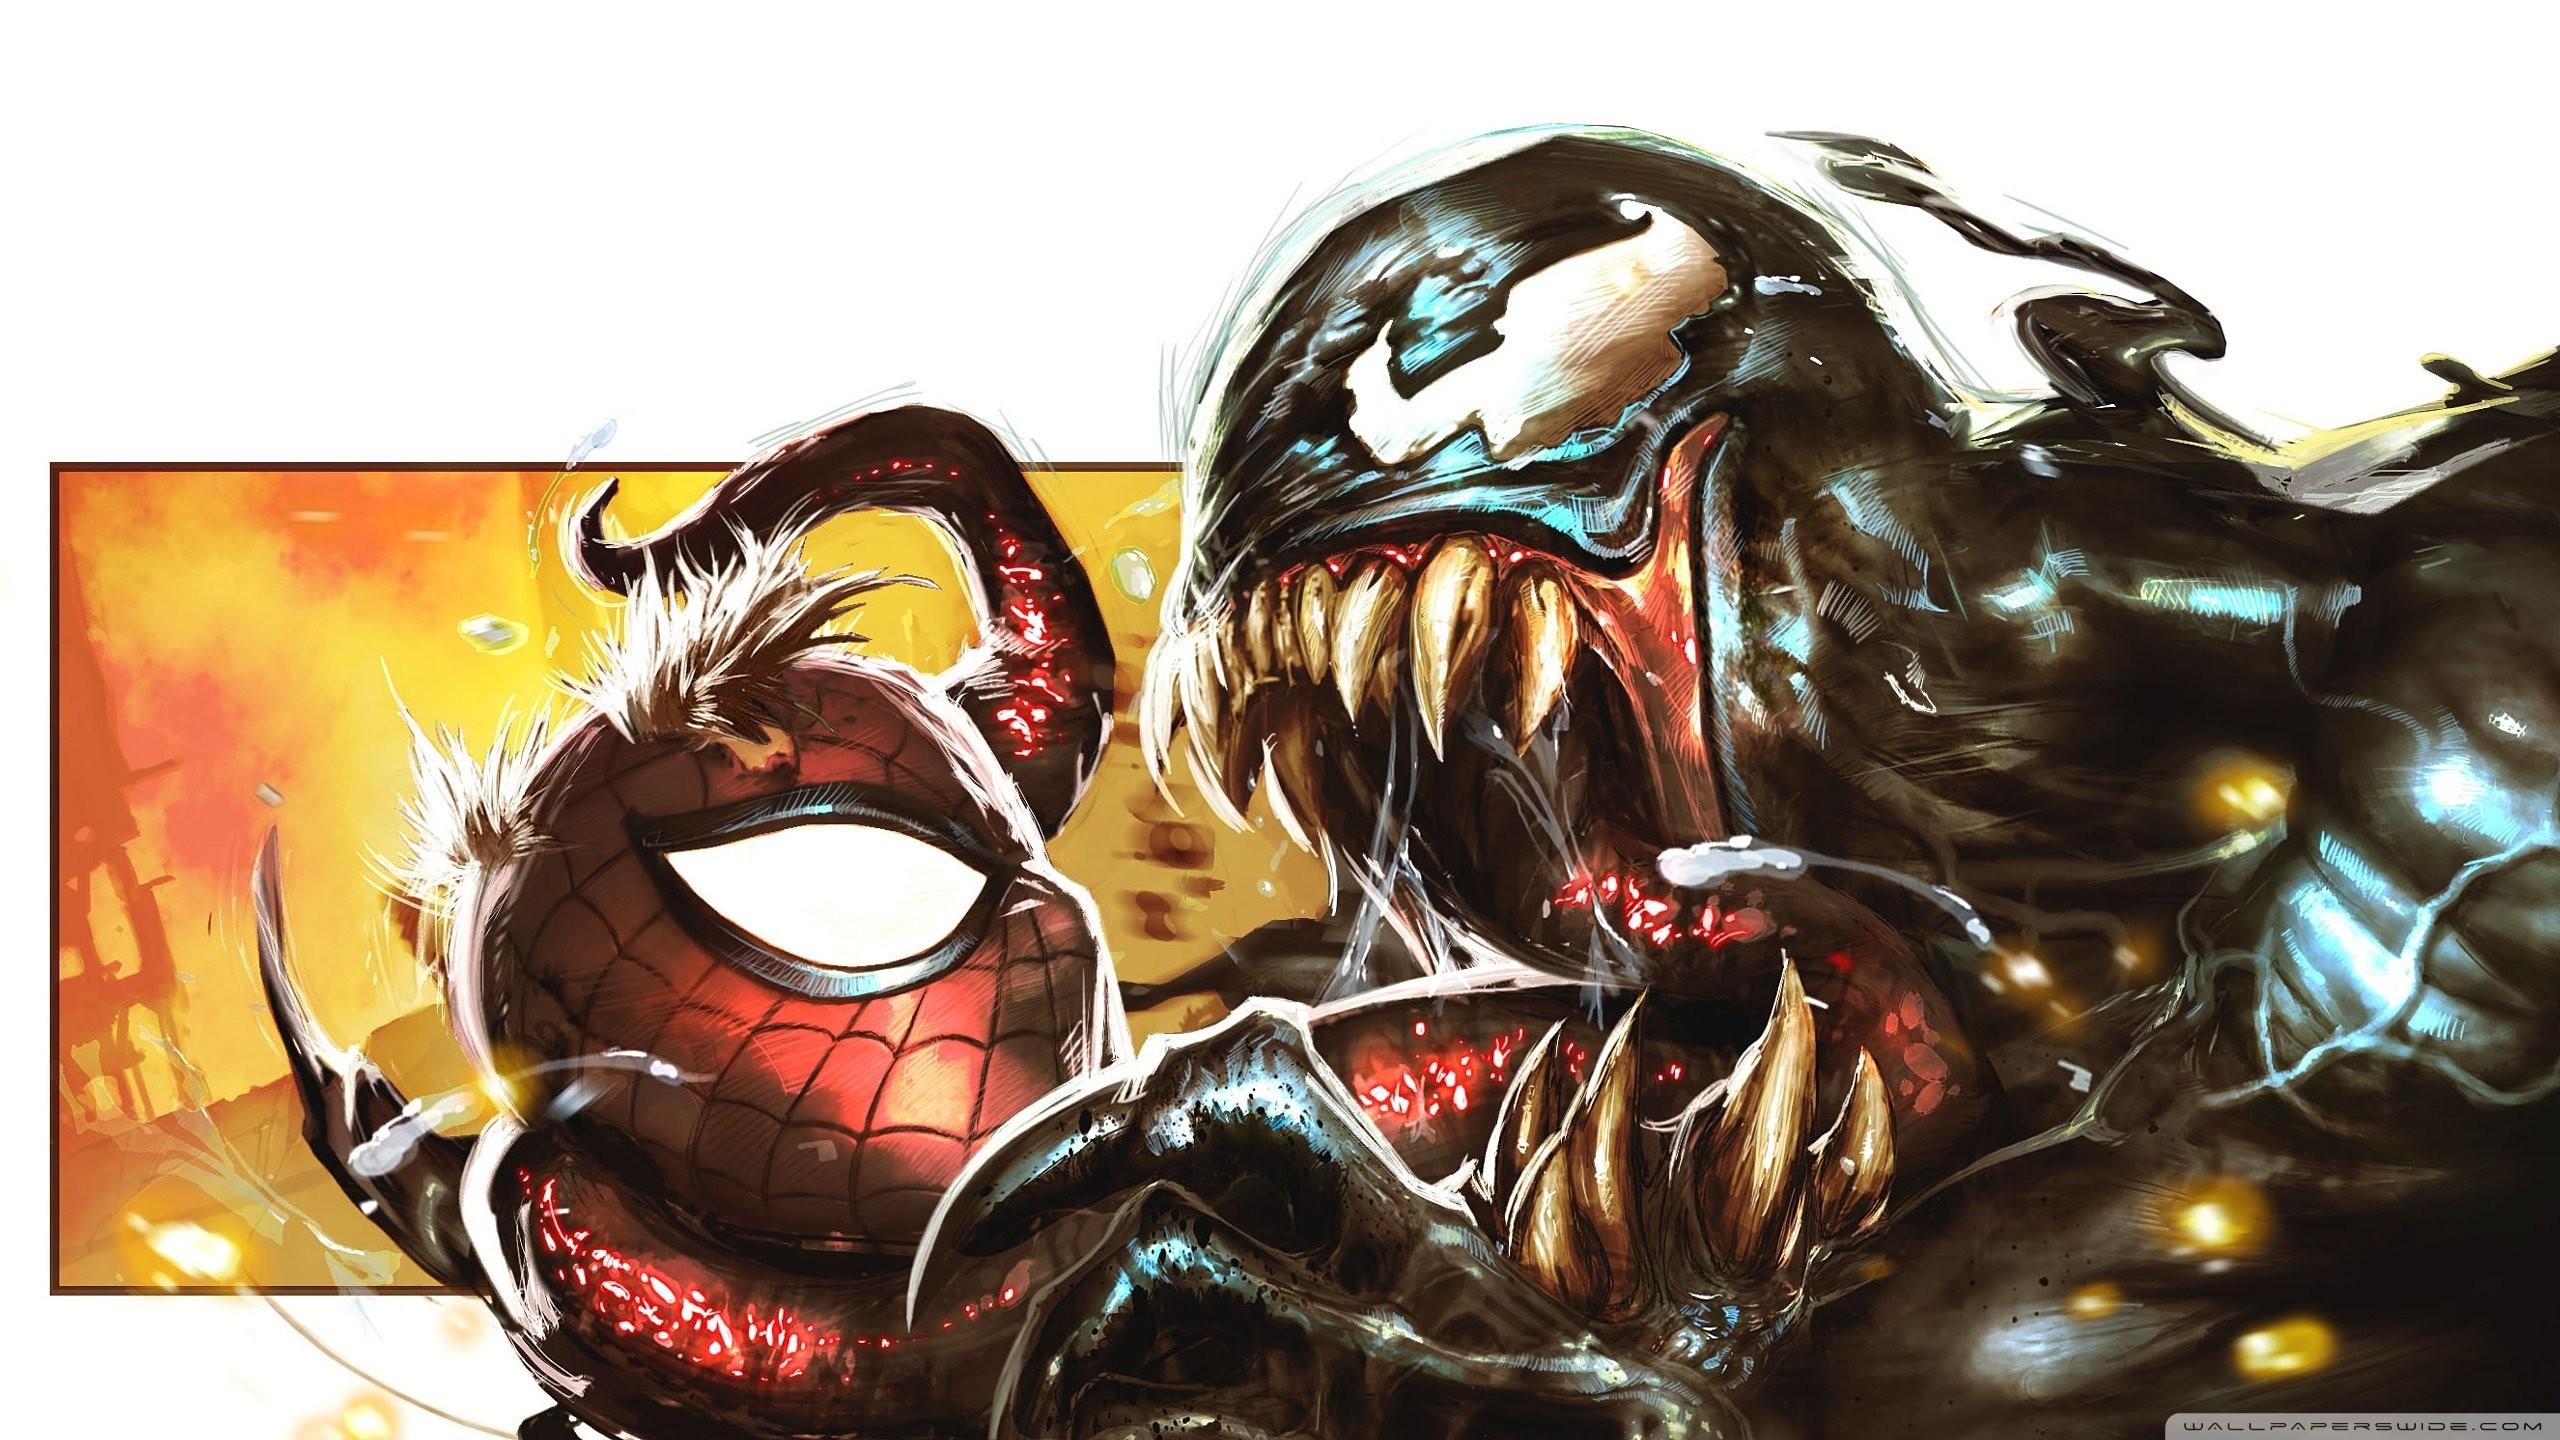 Spiderman vs venom vs carnage wallpaper – photo#16